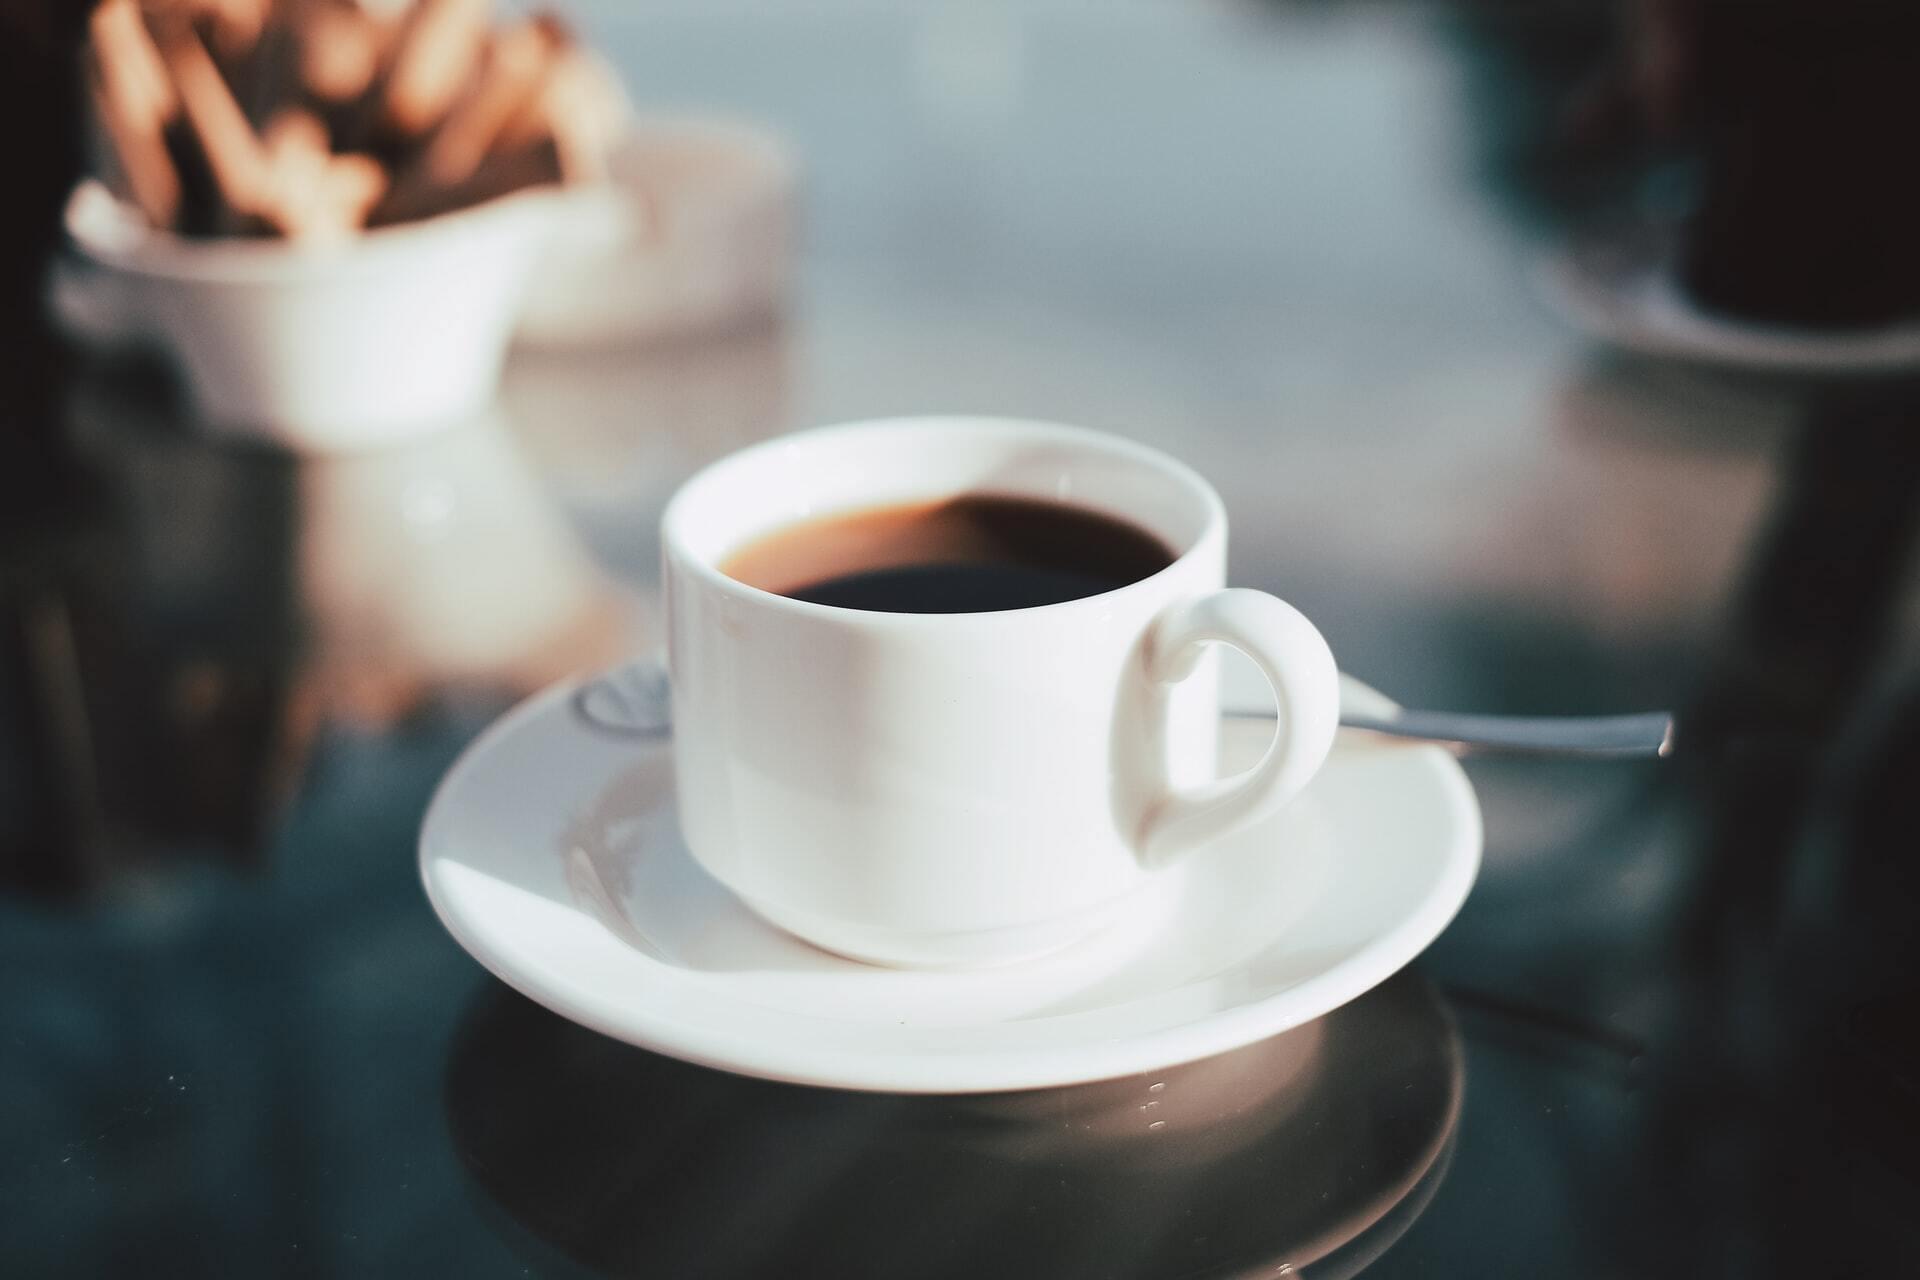 Ученые из США заявили об опасности кофе для зрения